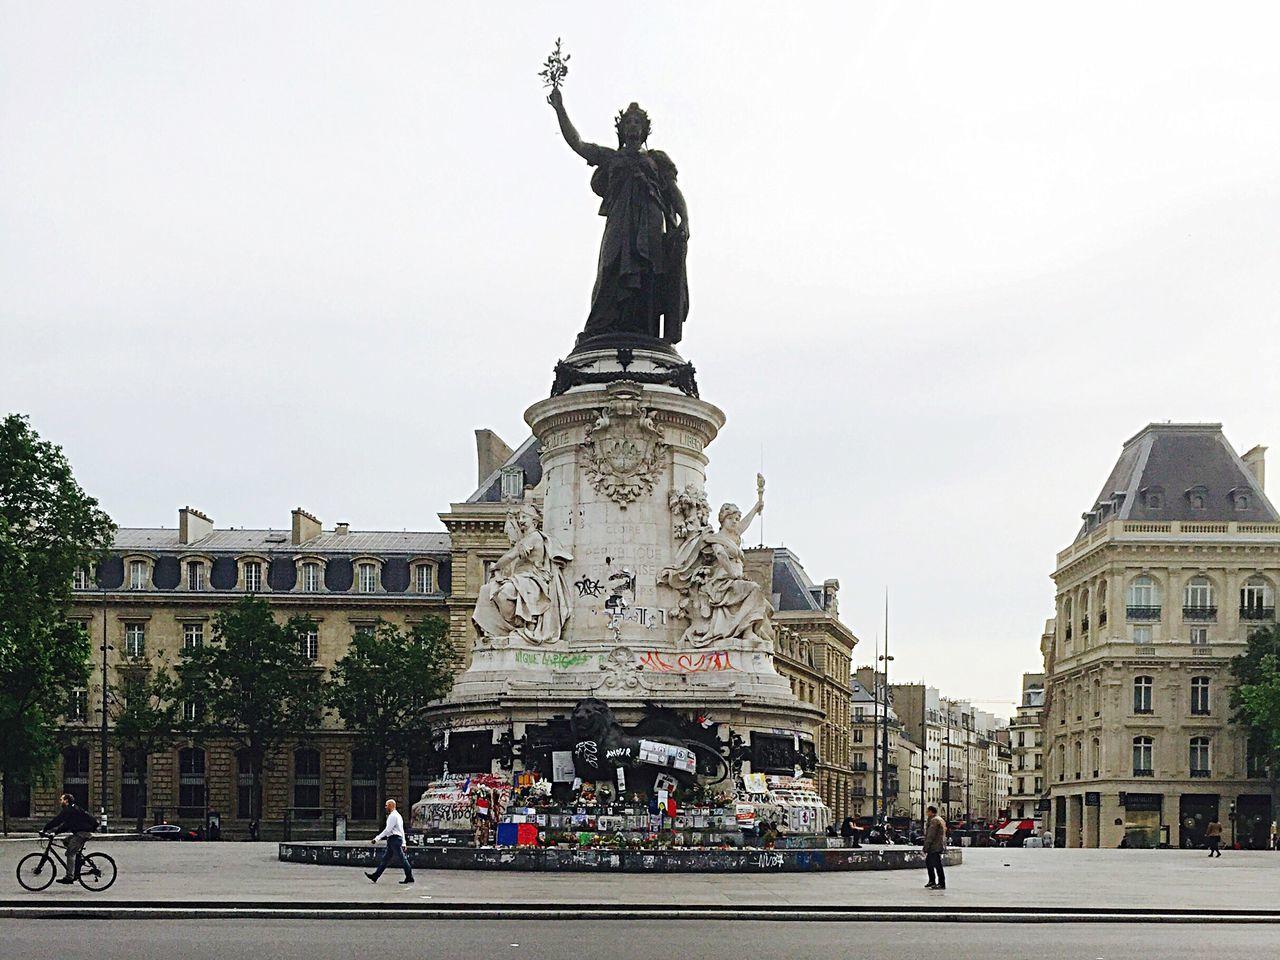 Feel The Journey Paris place de la République Enjoying Life Streetphotography Street Photography Urban Landscape Urbanphotography City Life Cityscapes France People And Places Famous Places